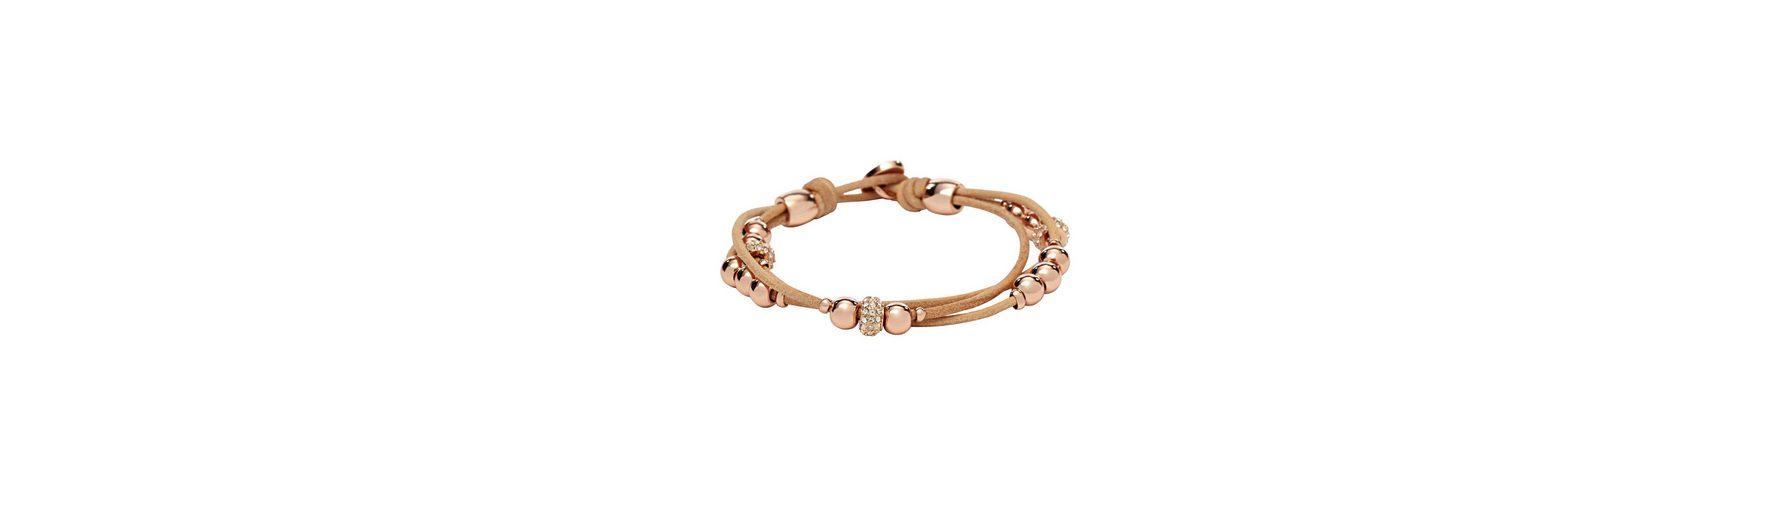 Armband, »JA6539791«, Fossil